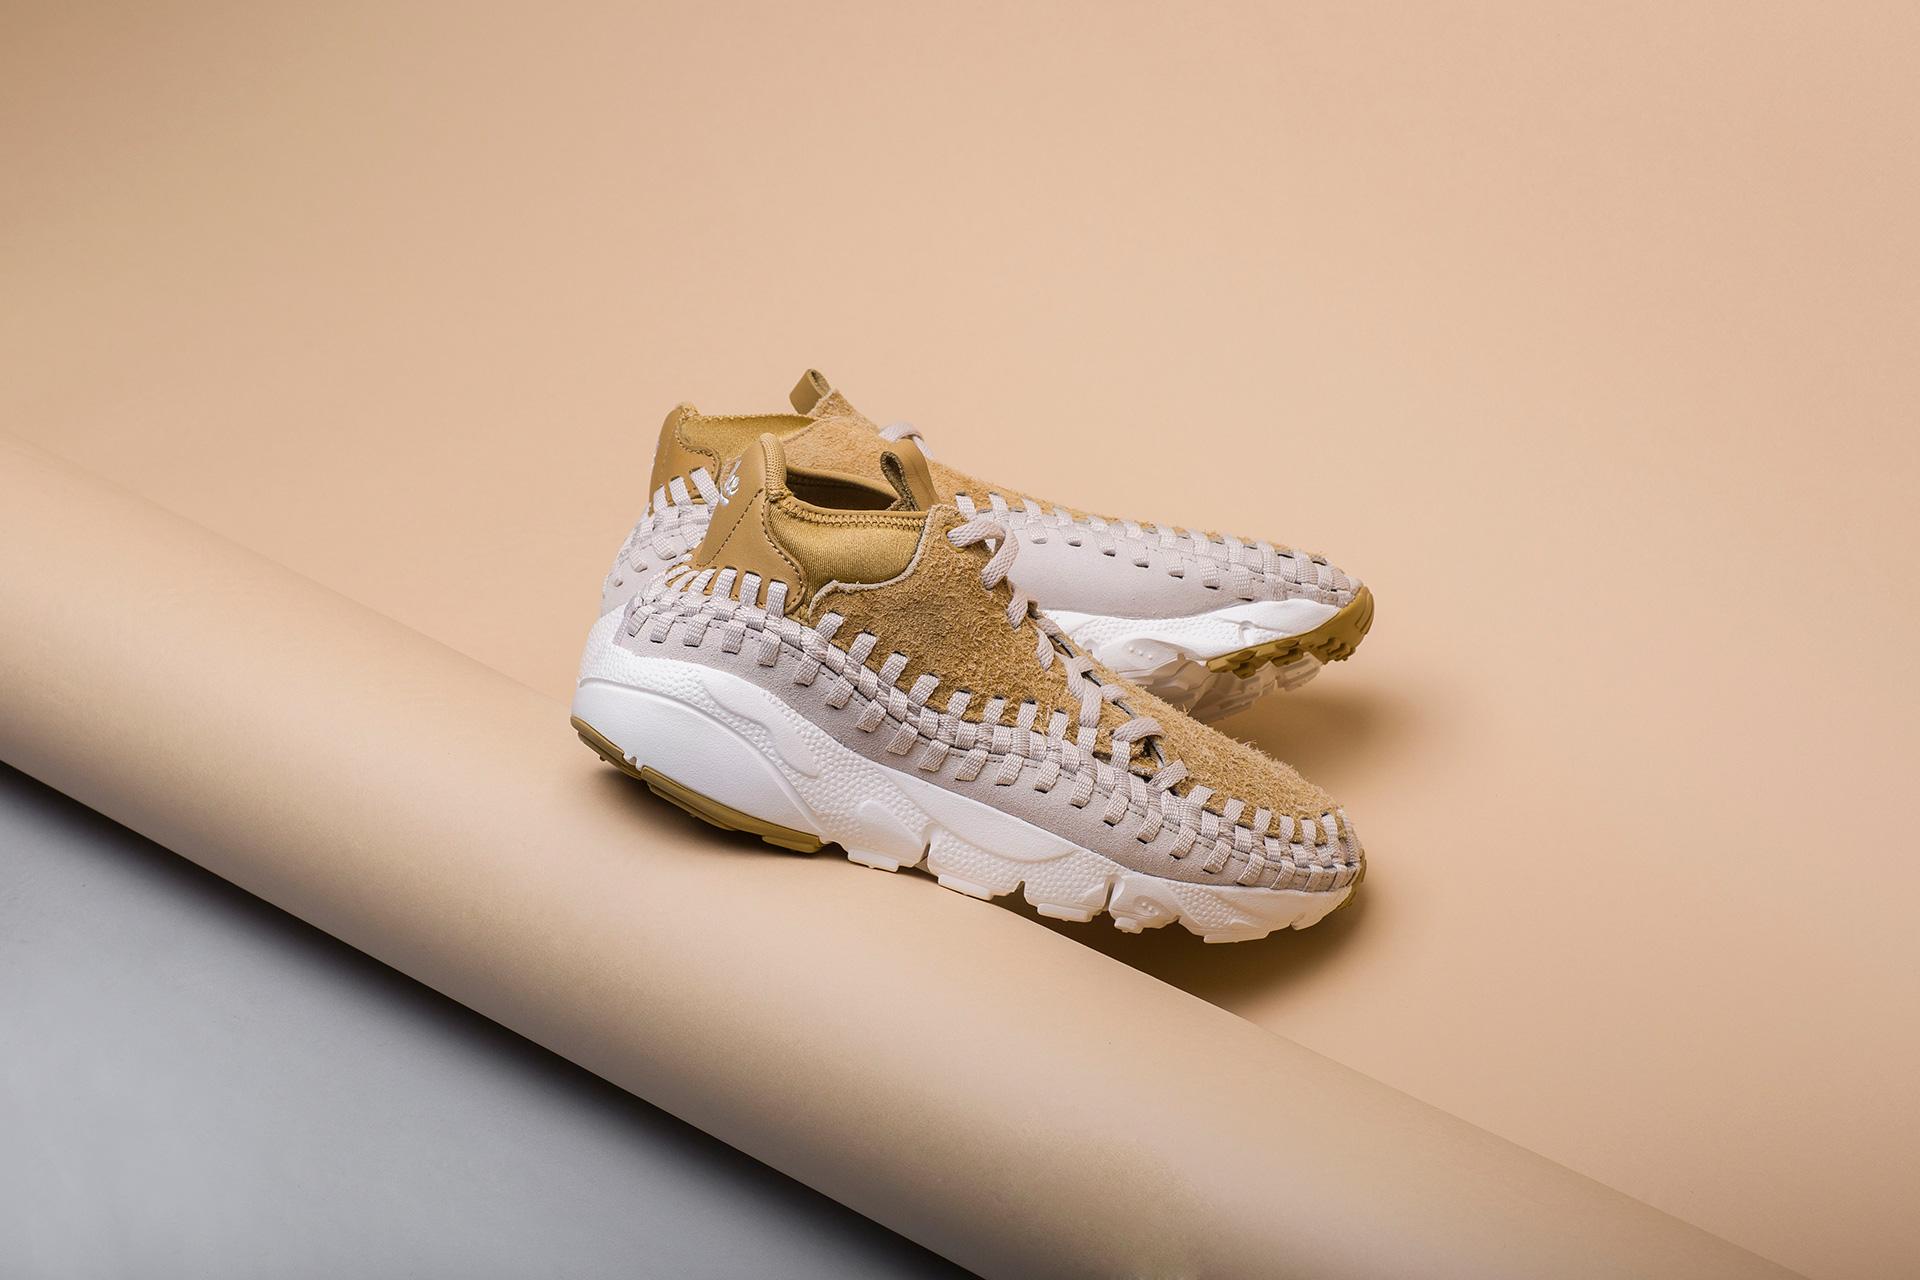 cheap for discount b5c25 95b2c Купить мужские бежевые кроссовки Nike Footscape Woven Chukka QS